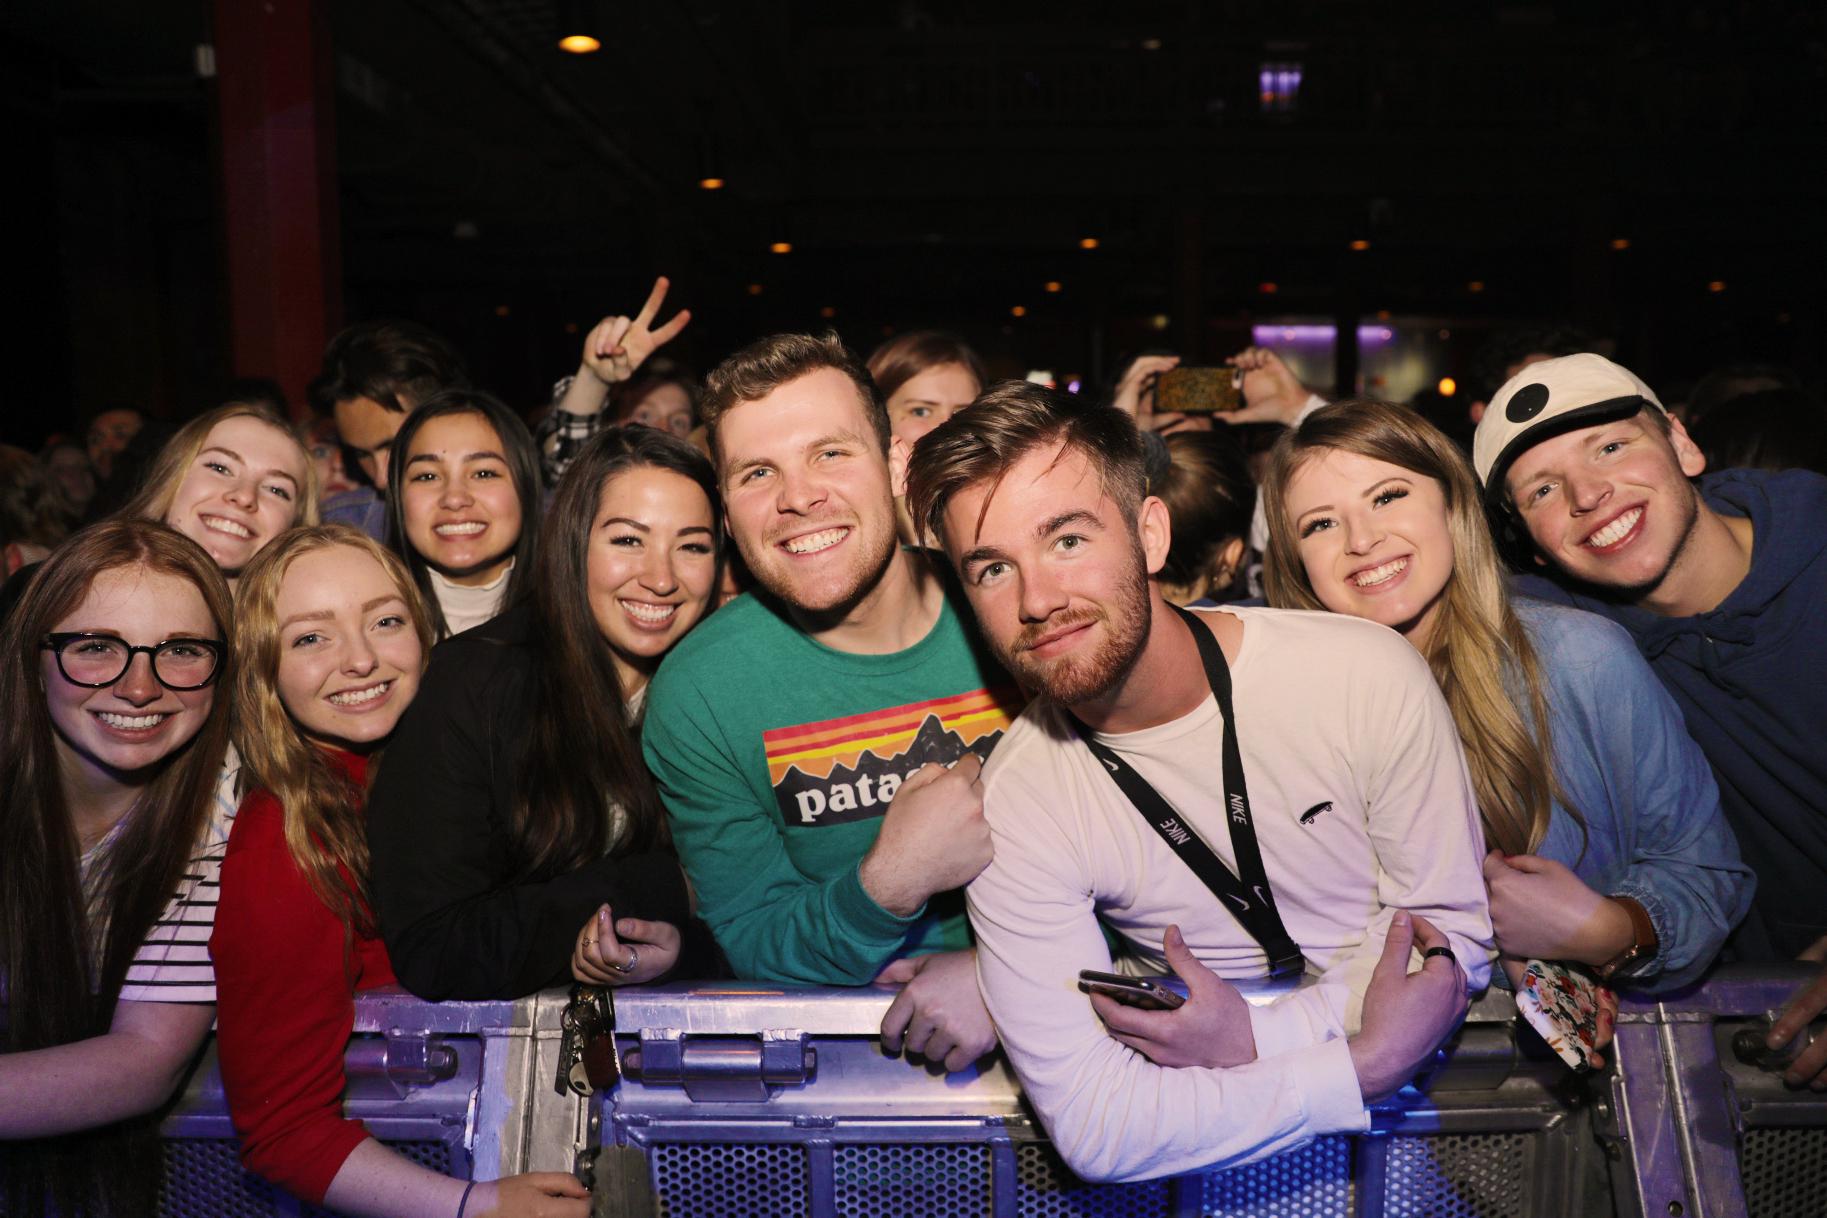 Fans Leah, Ally, Natalie, Erin, Nate, Faith, Jenna, Jade, Cassidy! Photo: @Lmsorenson Photography